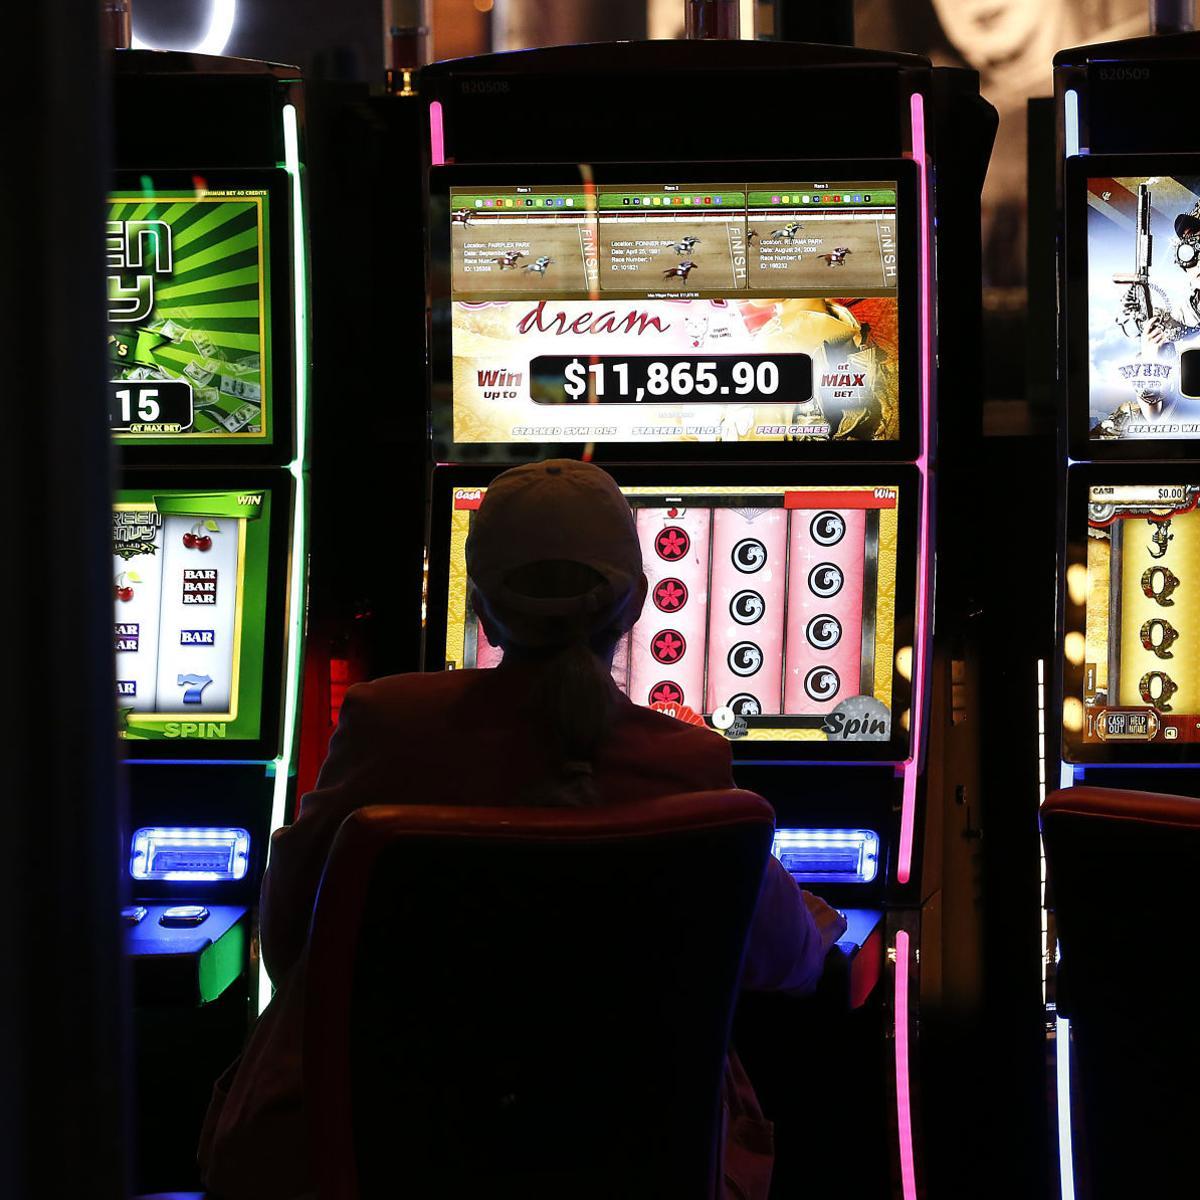 uva gambling addiction